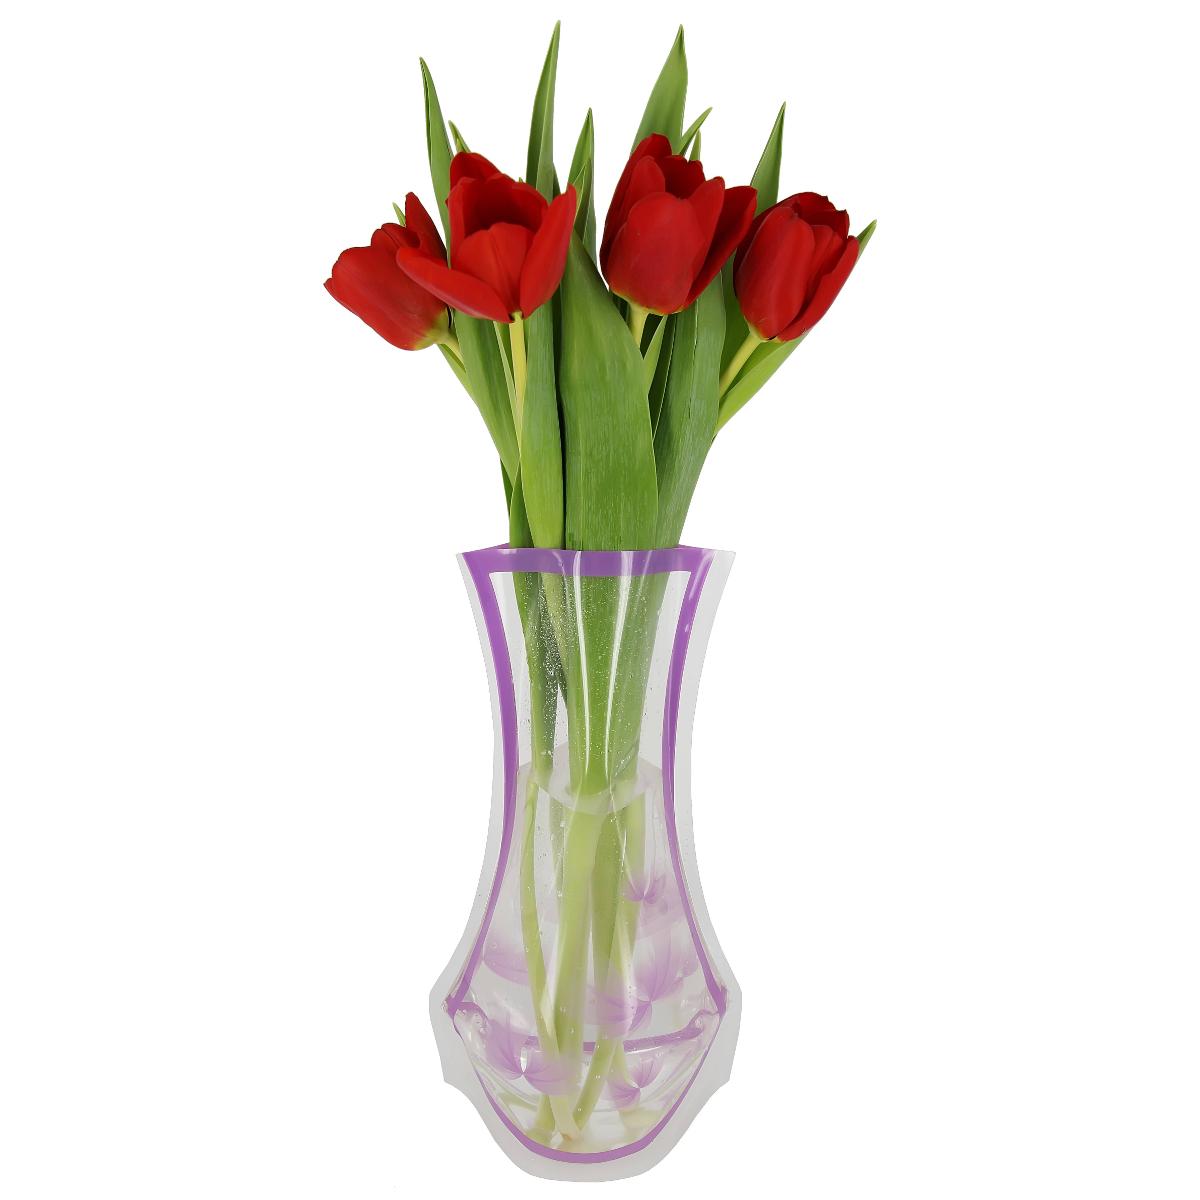 Ваза МастерПроф Фиолетовые лепестки, пластичная, 1,2 л ваза мастерпроф летний узор пластичная 1 л